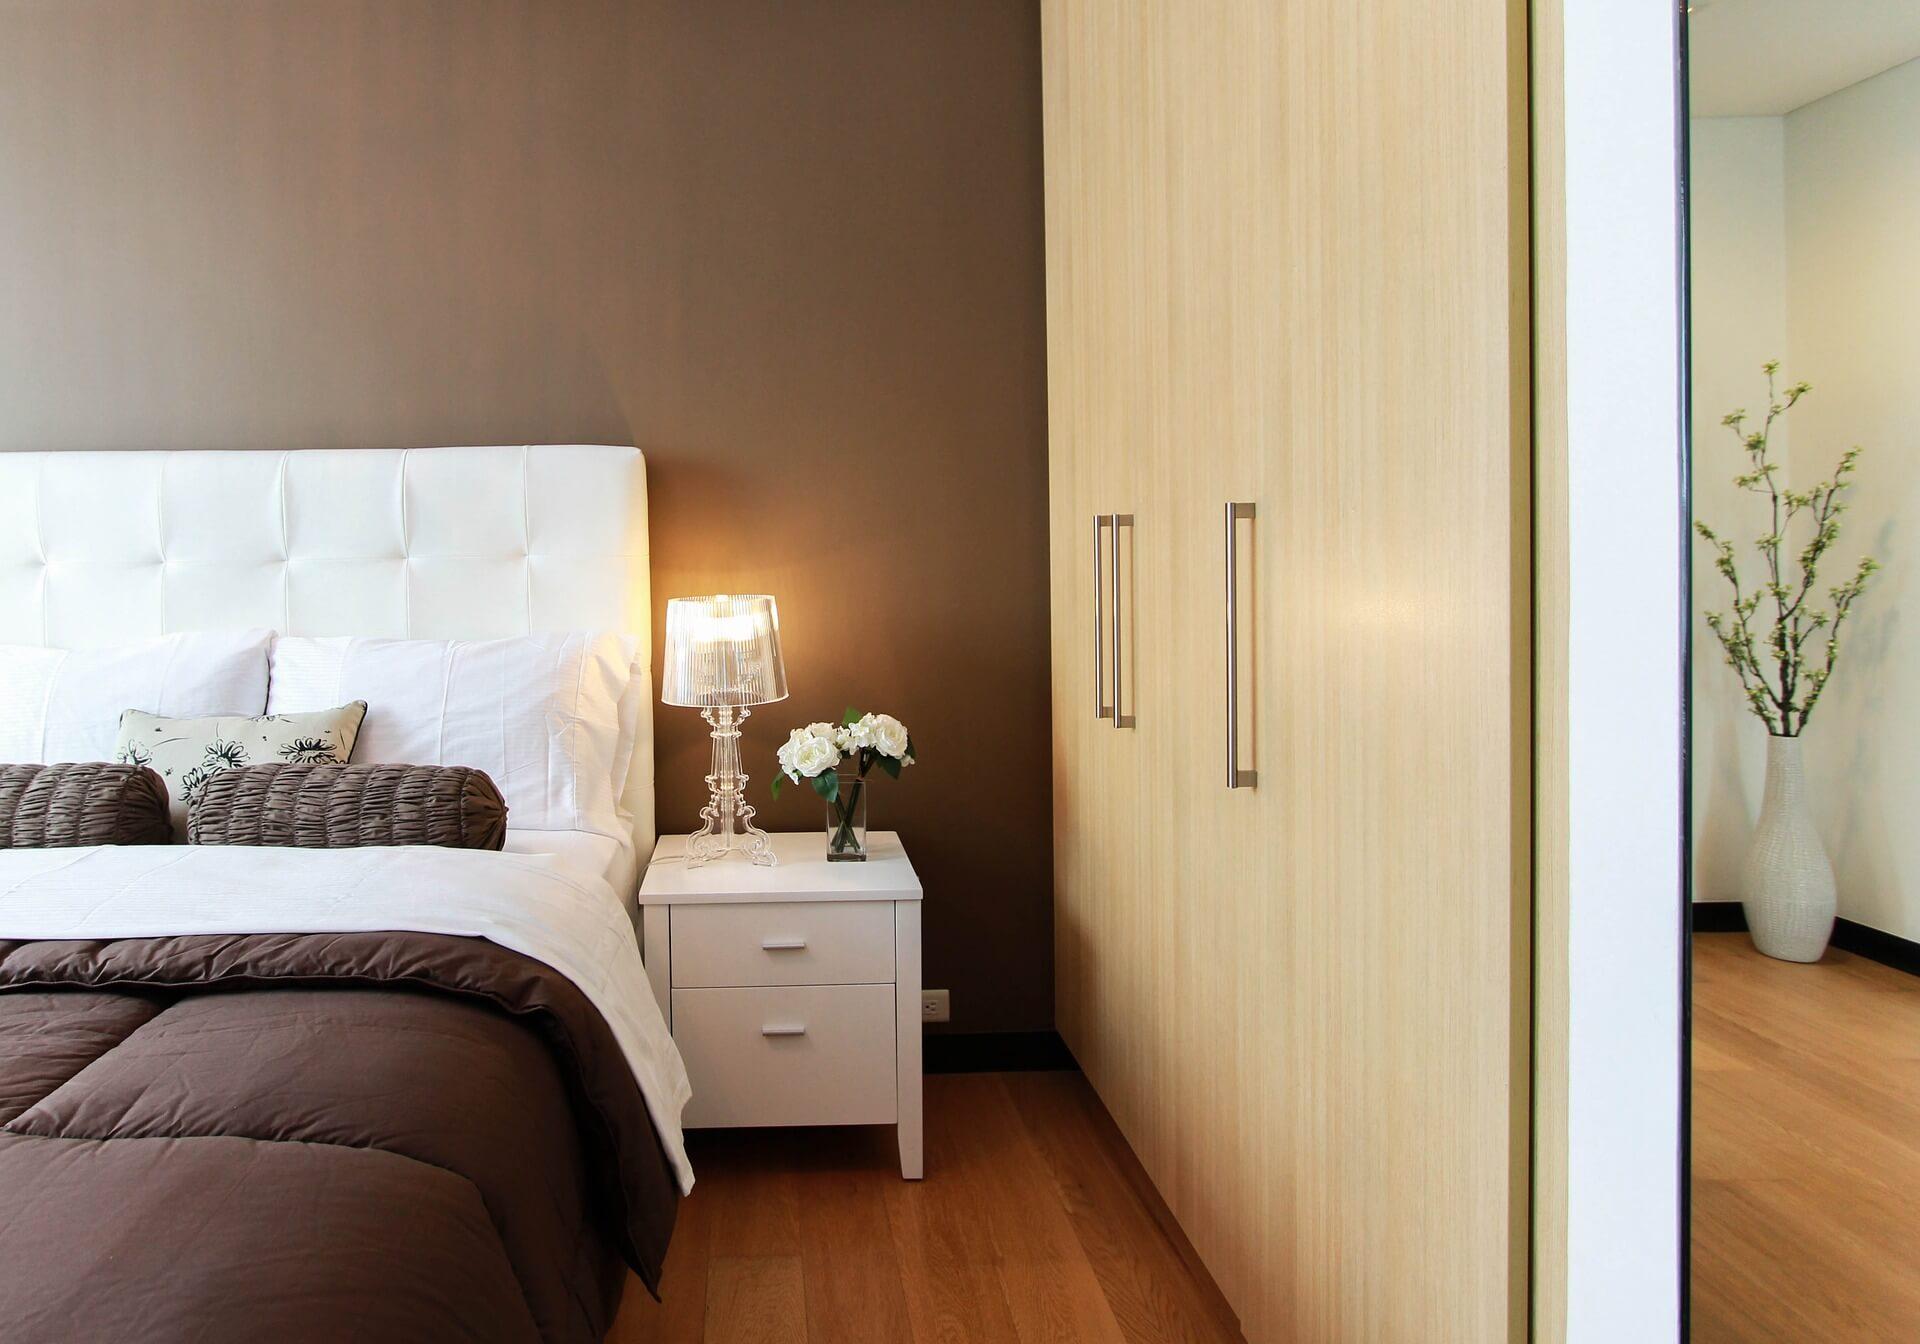 Dedetização de hotéis: livre seus hóspedes de elementos nocivos